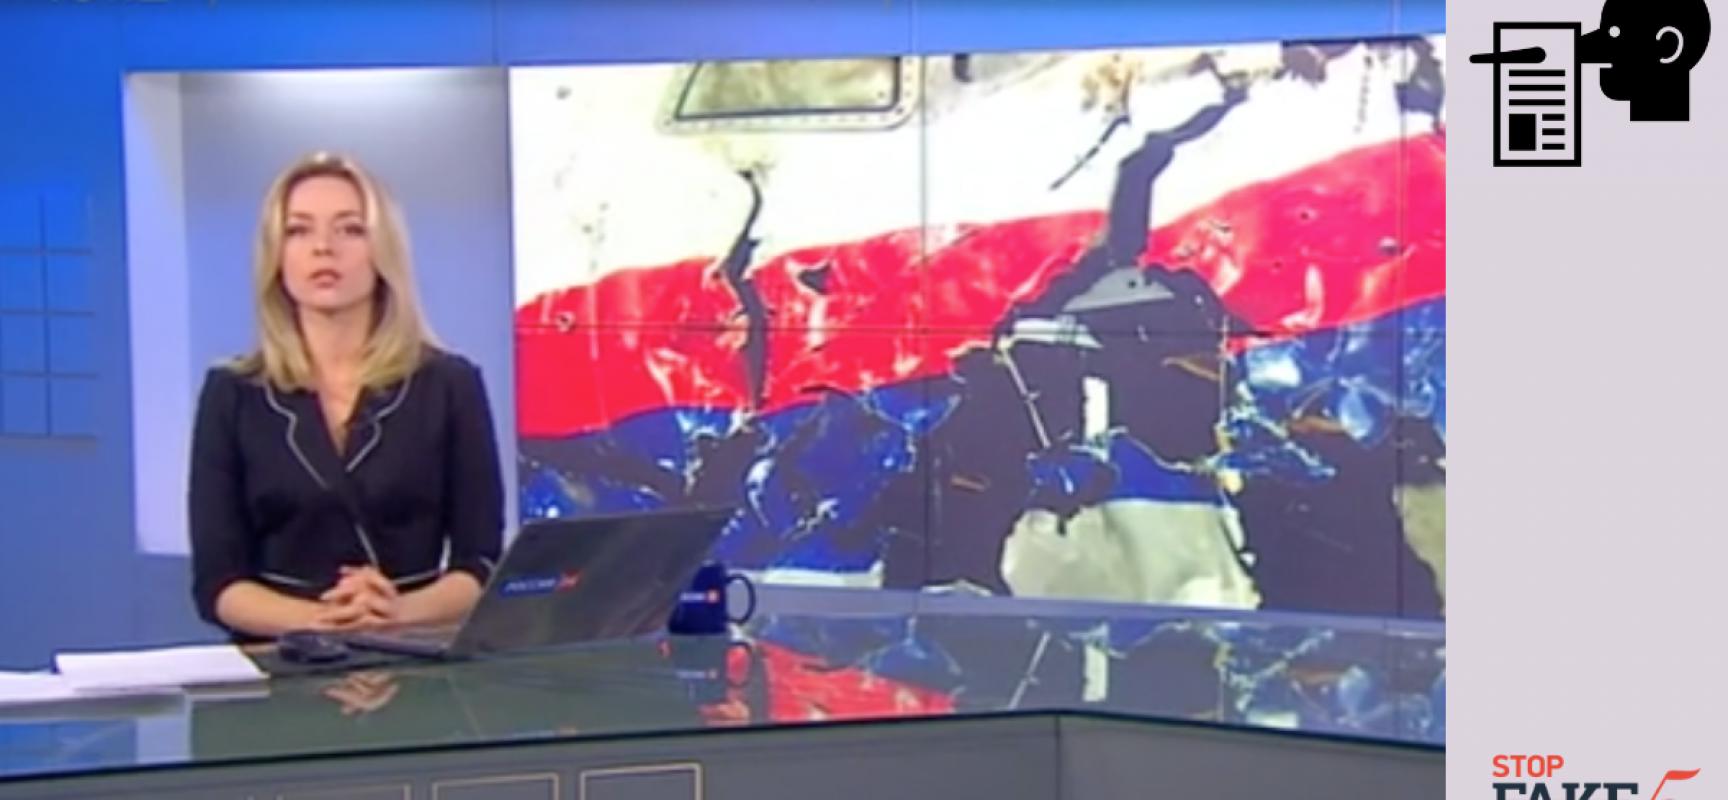 Fake: l'Olanda incolpa l'Ucraina per l'abbattimento del Boeing MH17